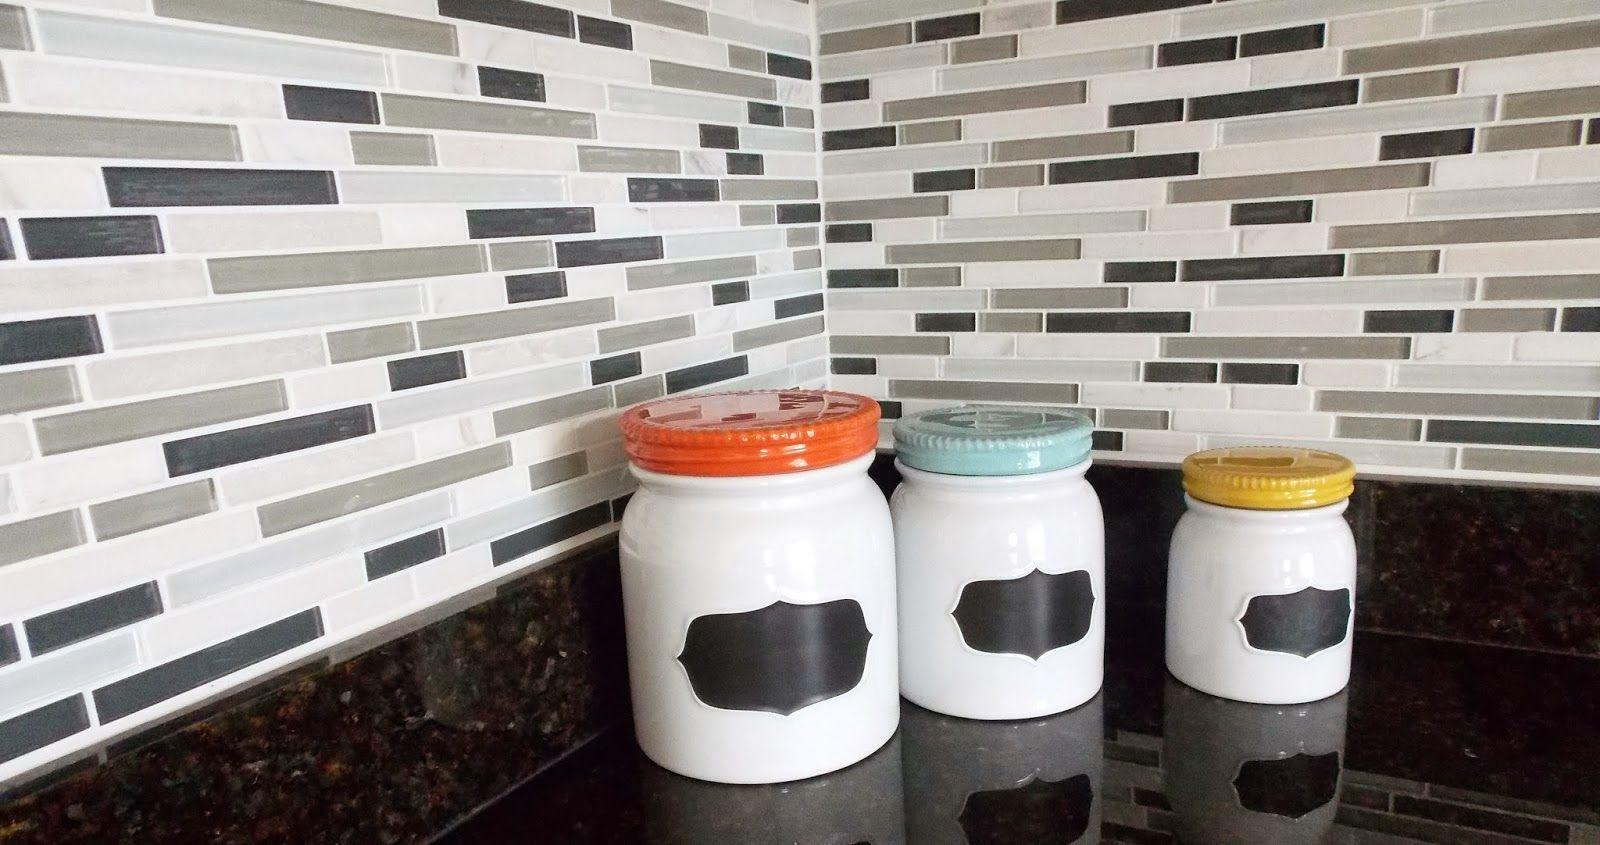 - Kitchen Backsplash Install: Day 2 Backsplash, Mosaic Tile